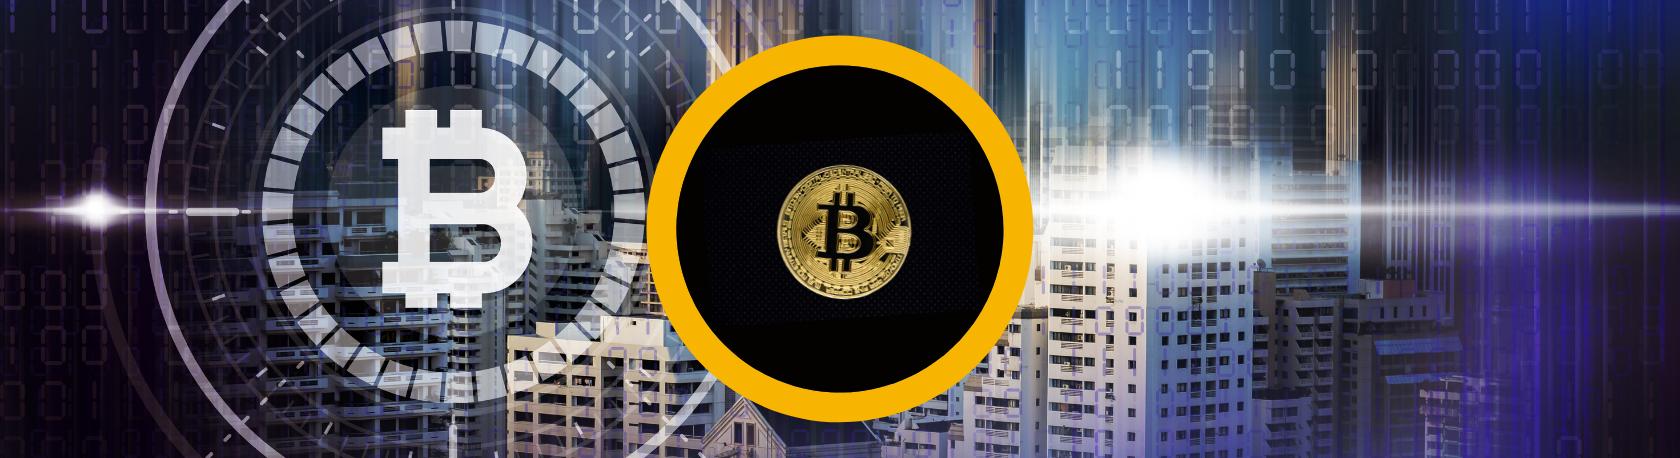 Easy Podcast: El Bitcoin, la revolución del siglo XXI